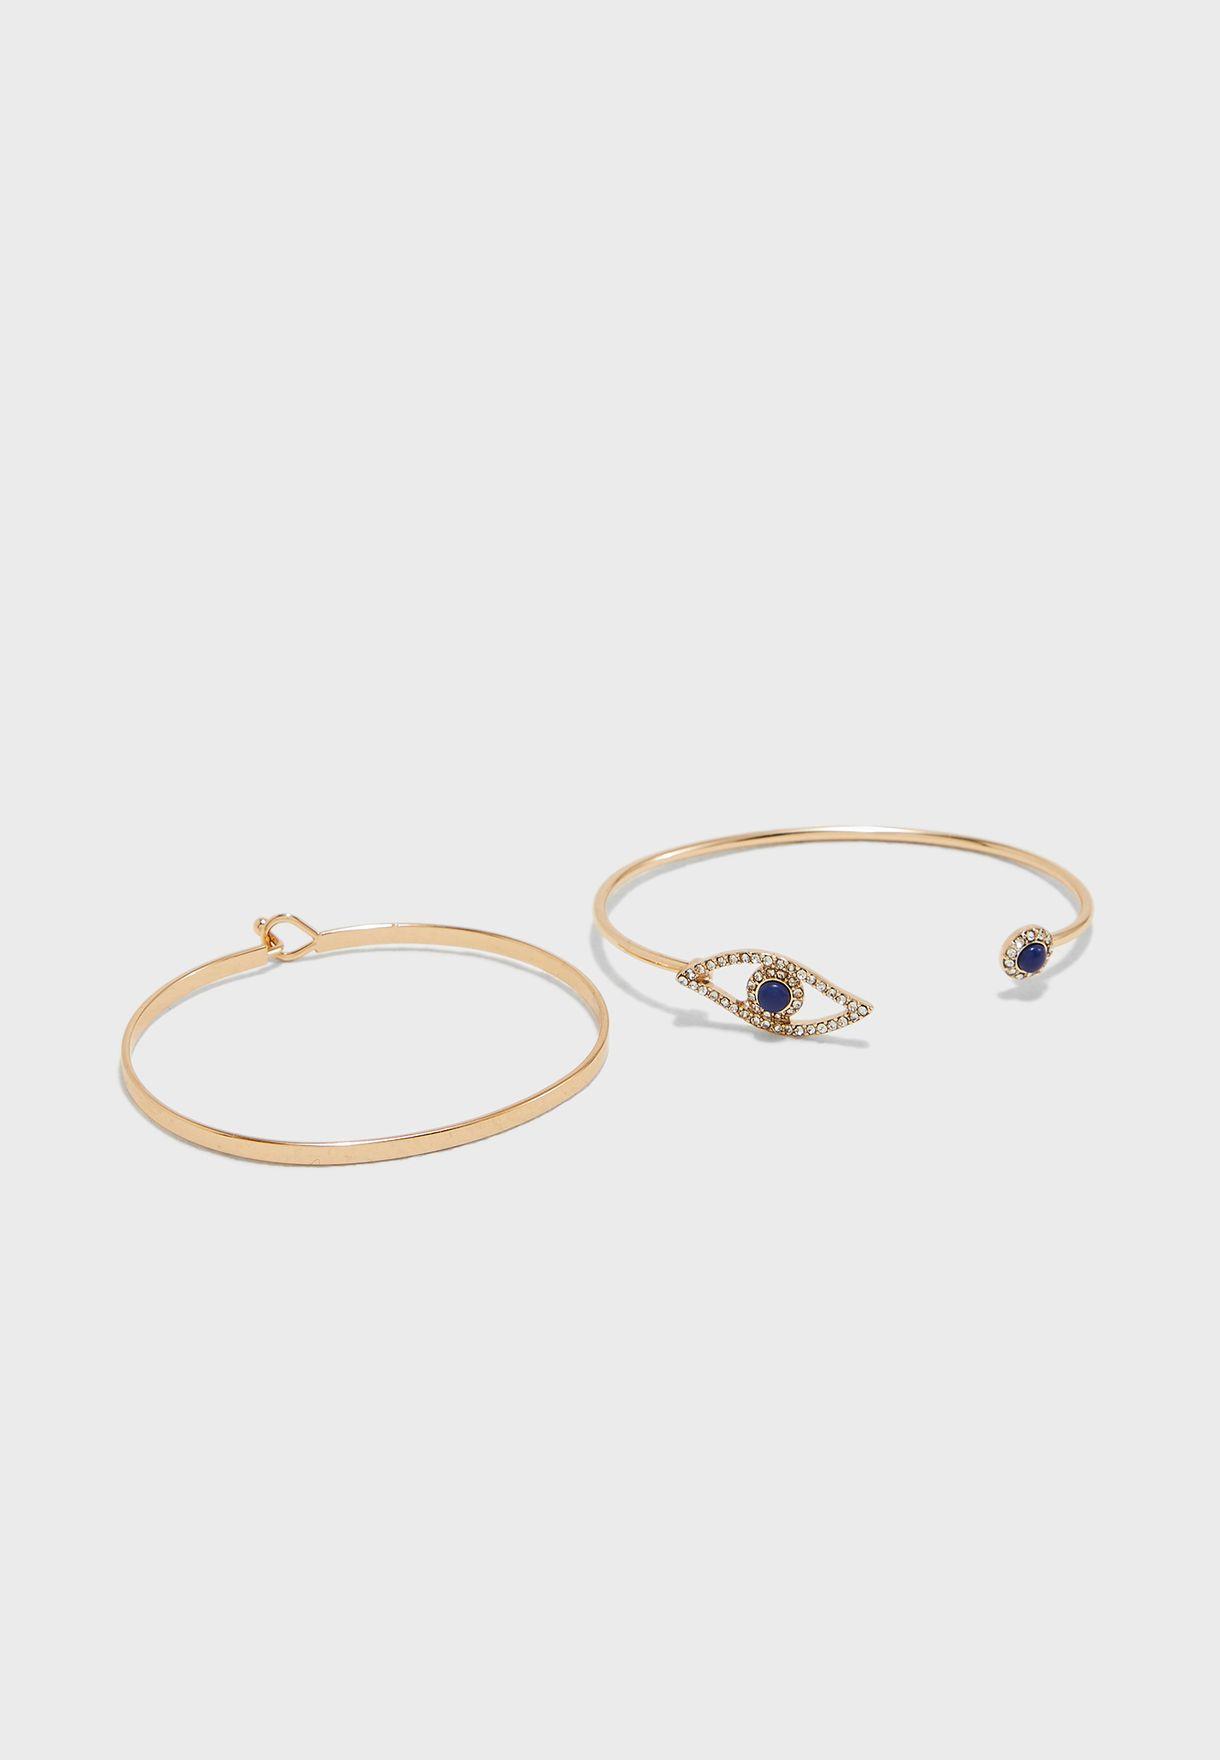 Waldsee Bracelet